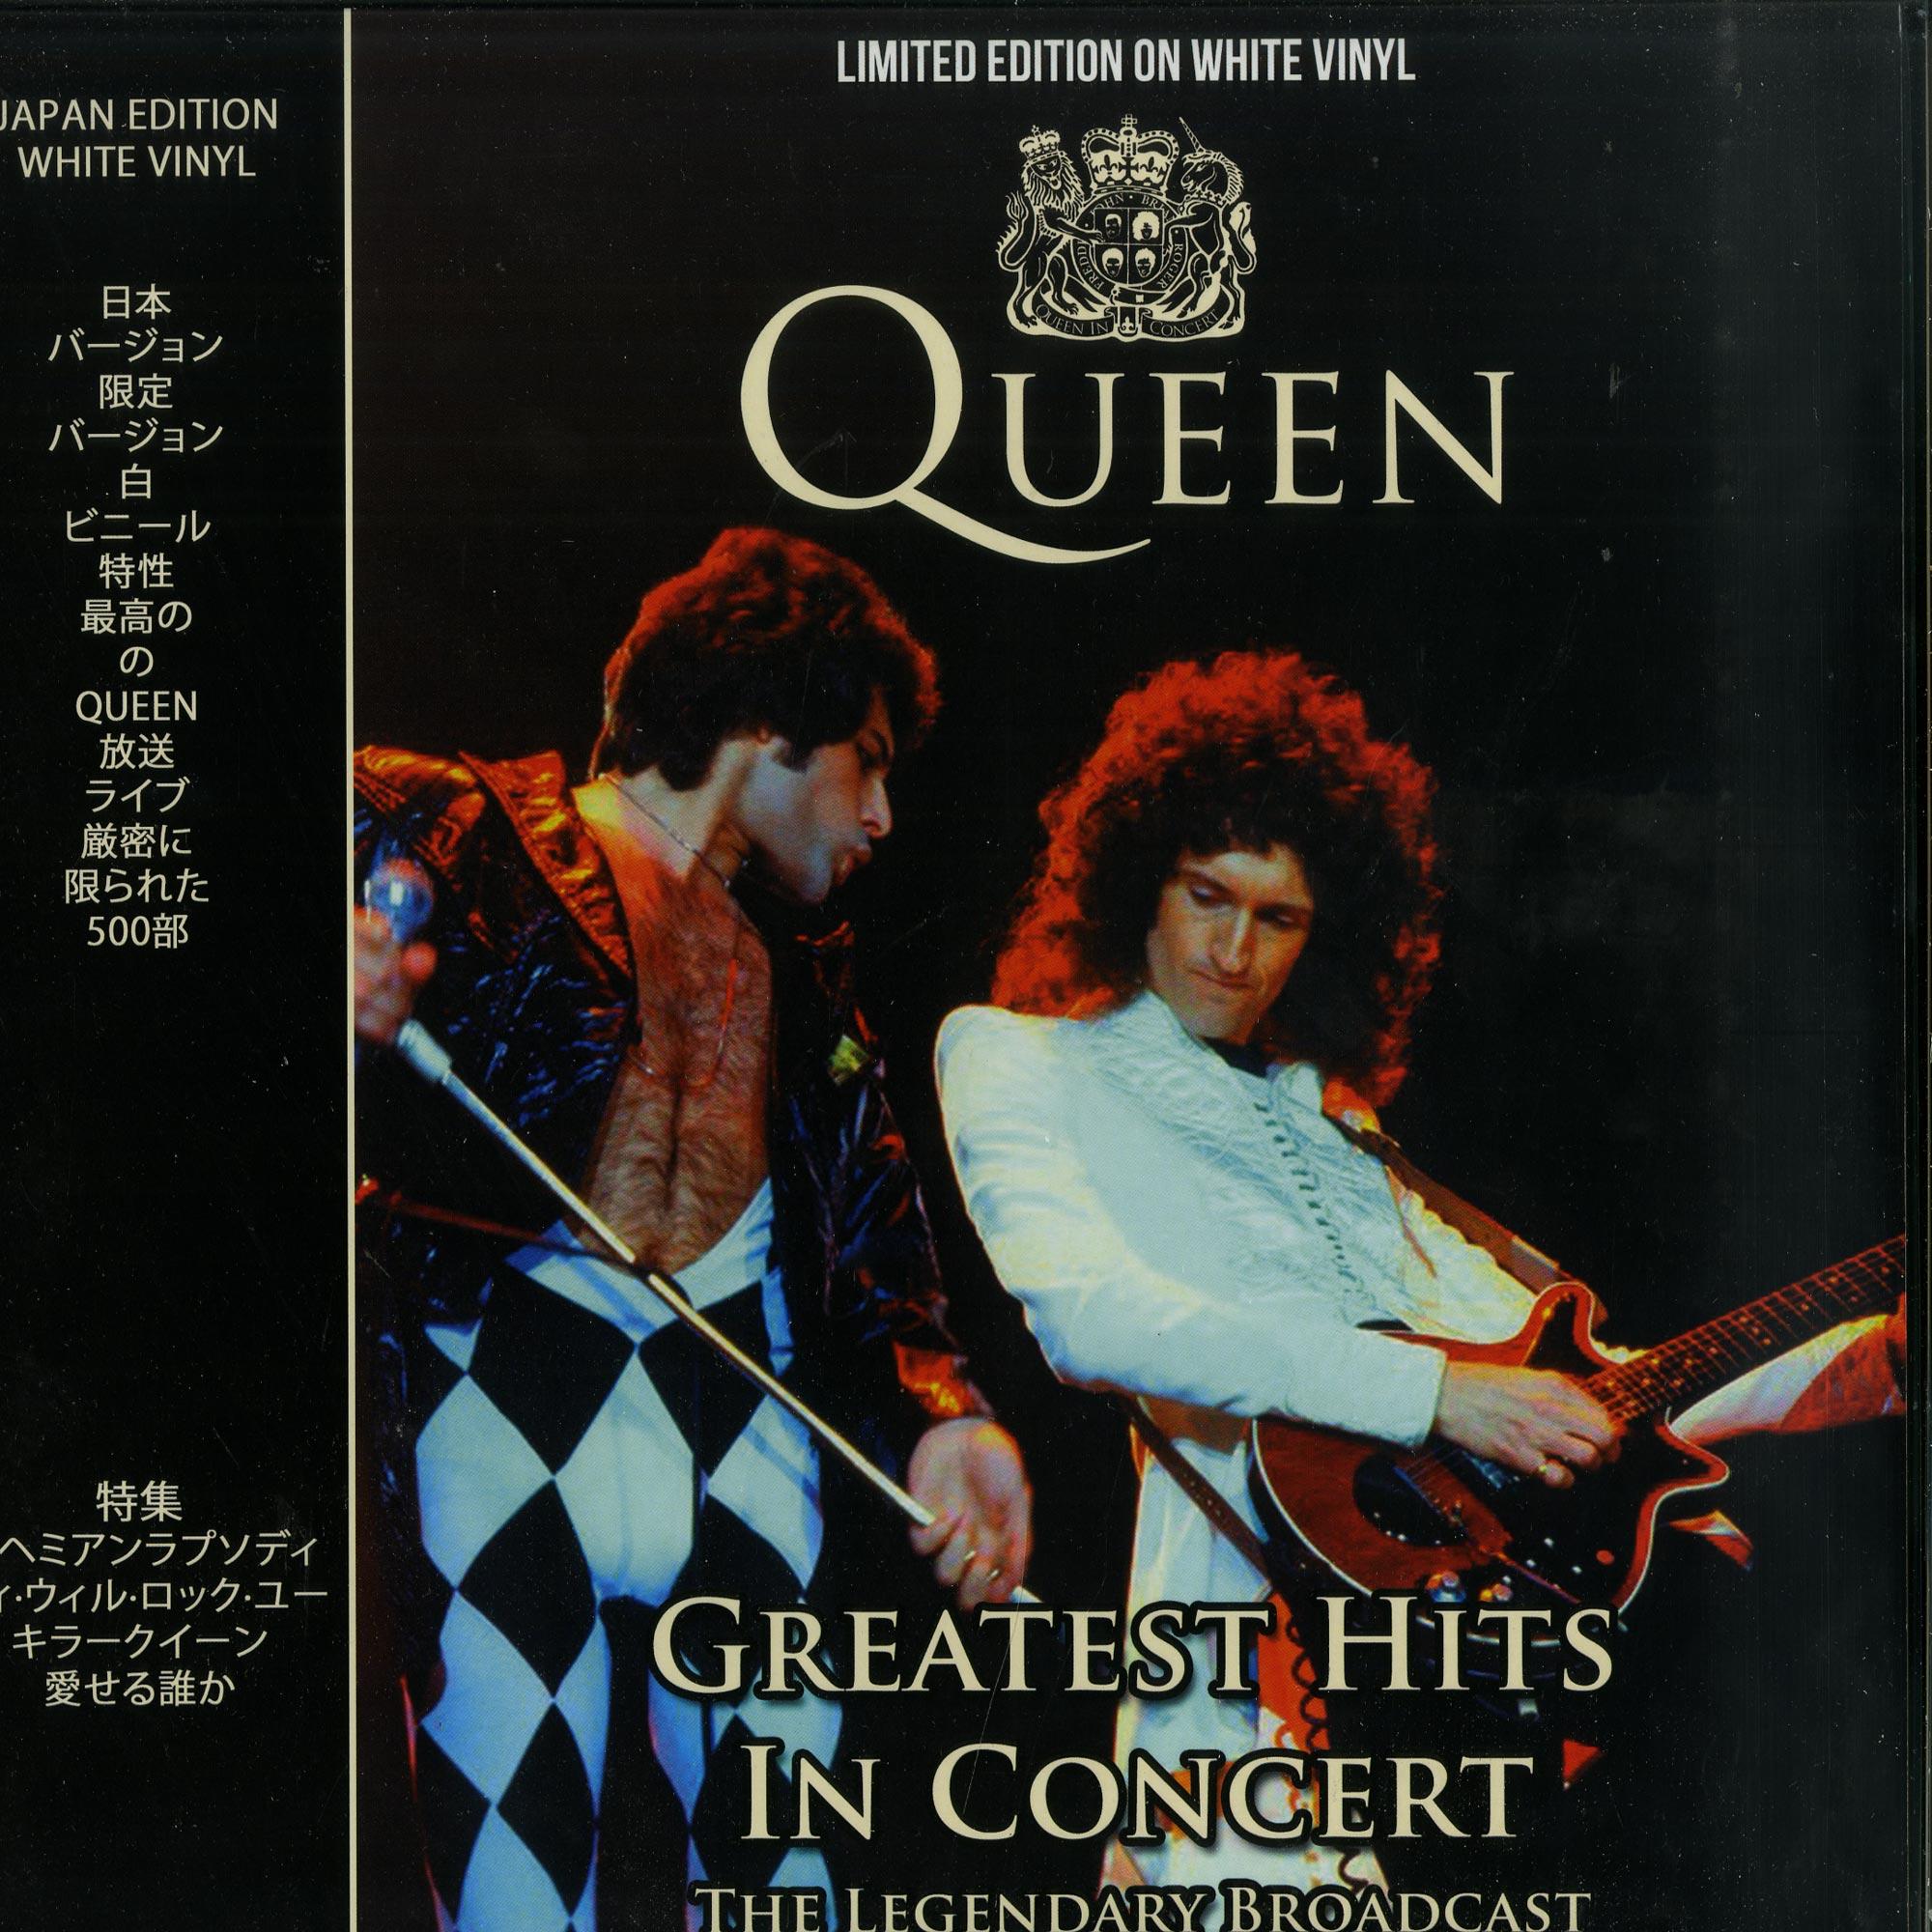 Queen - GREATEST HITS IN CONCERT